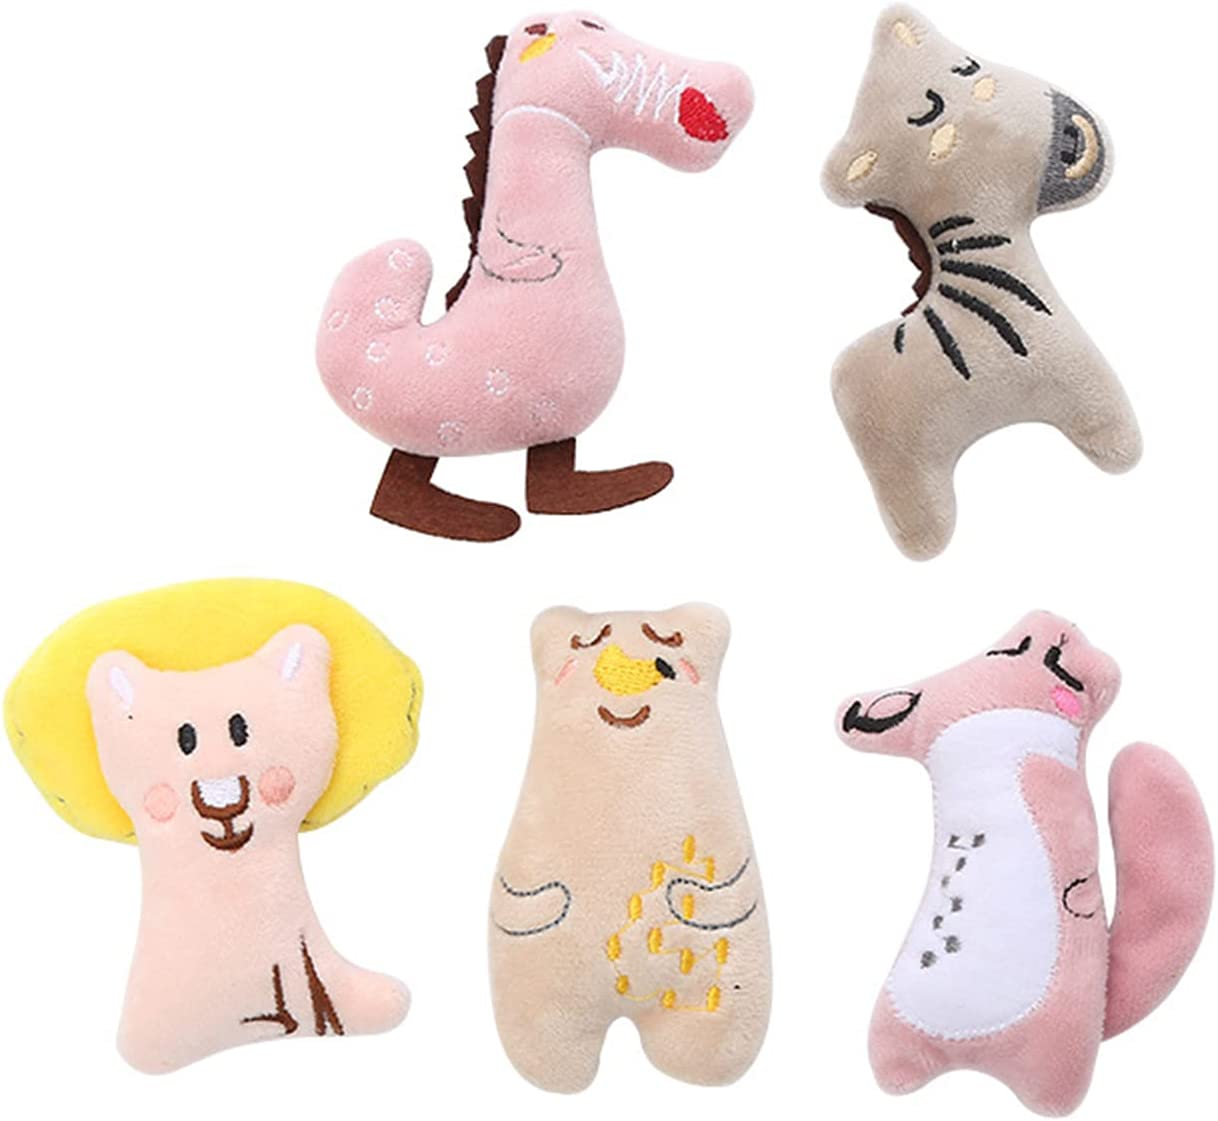 Jinyank Cat Catnip Manufacturer regenerated product Toy 5pcs Shape Latest item Pillow Cartoon Animal